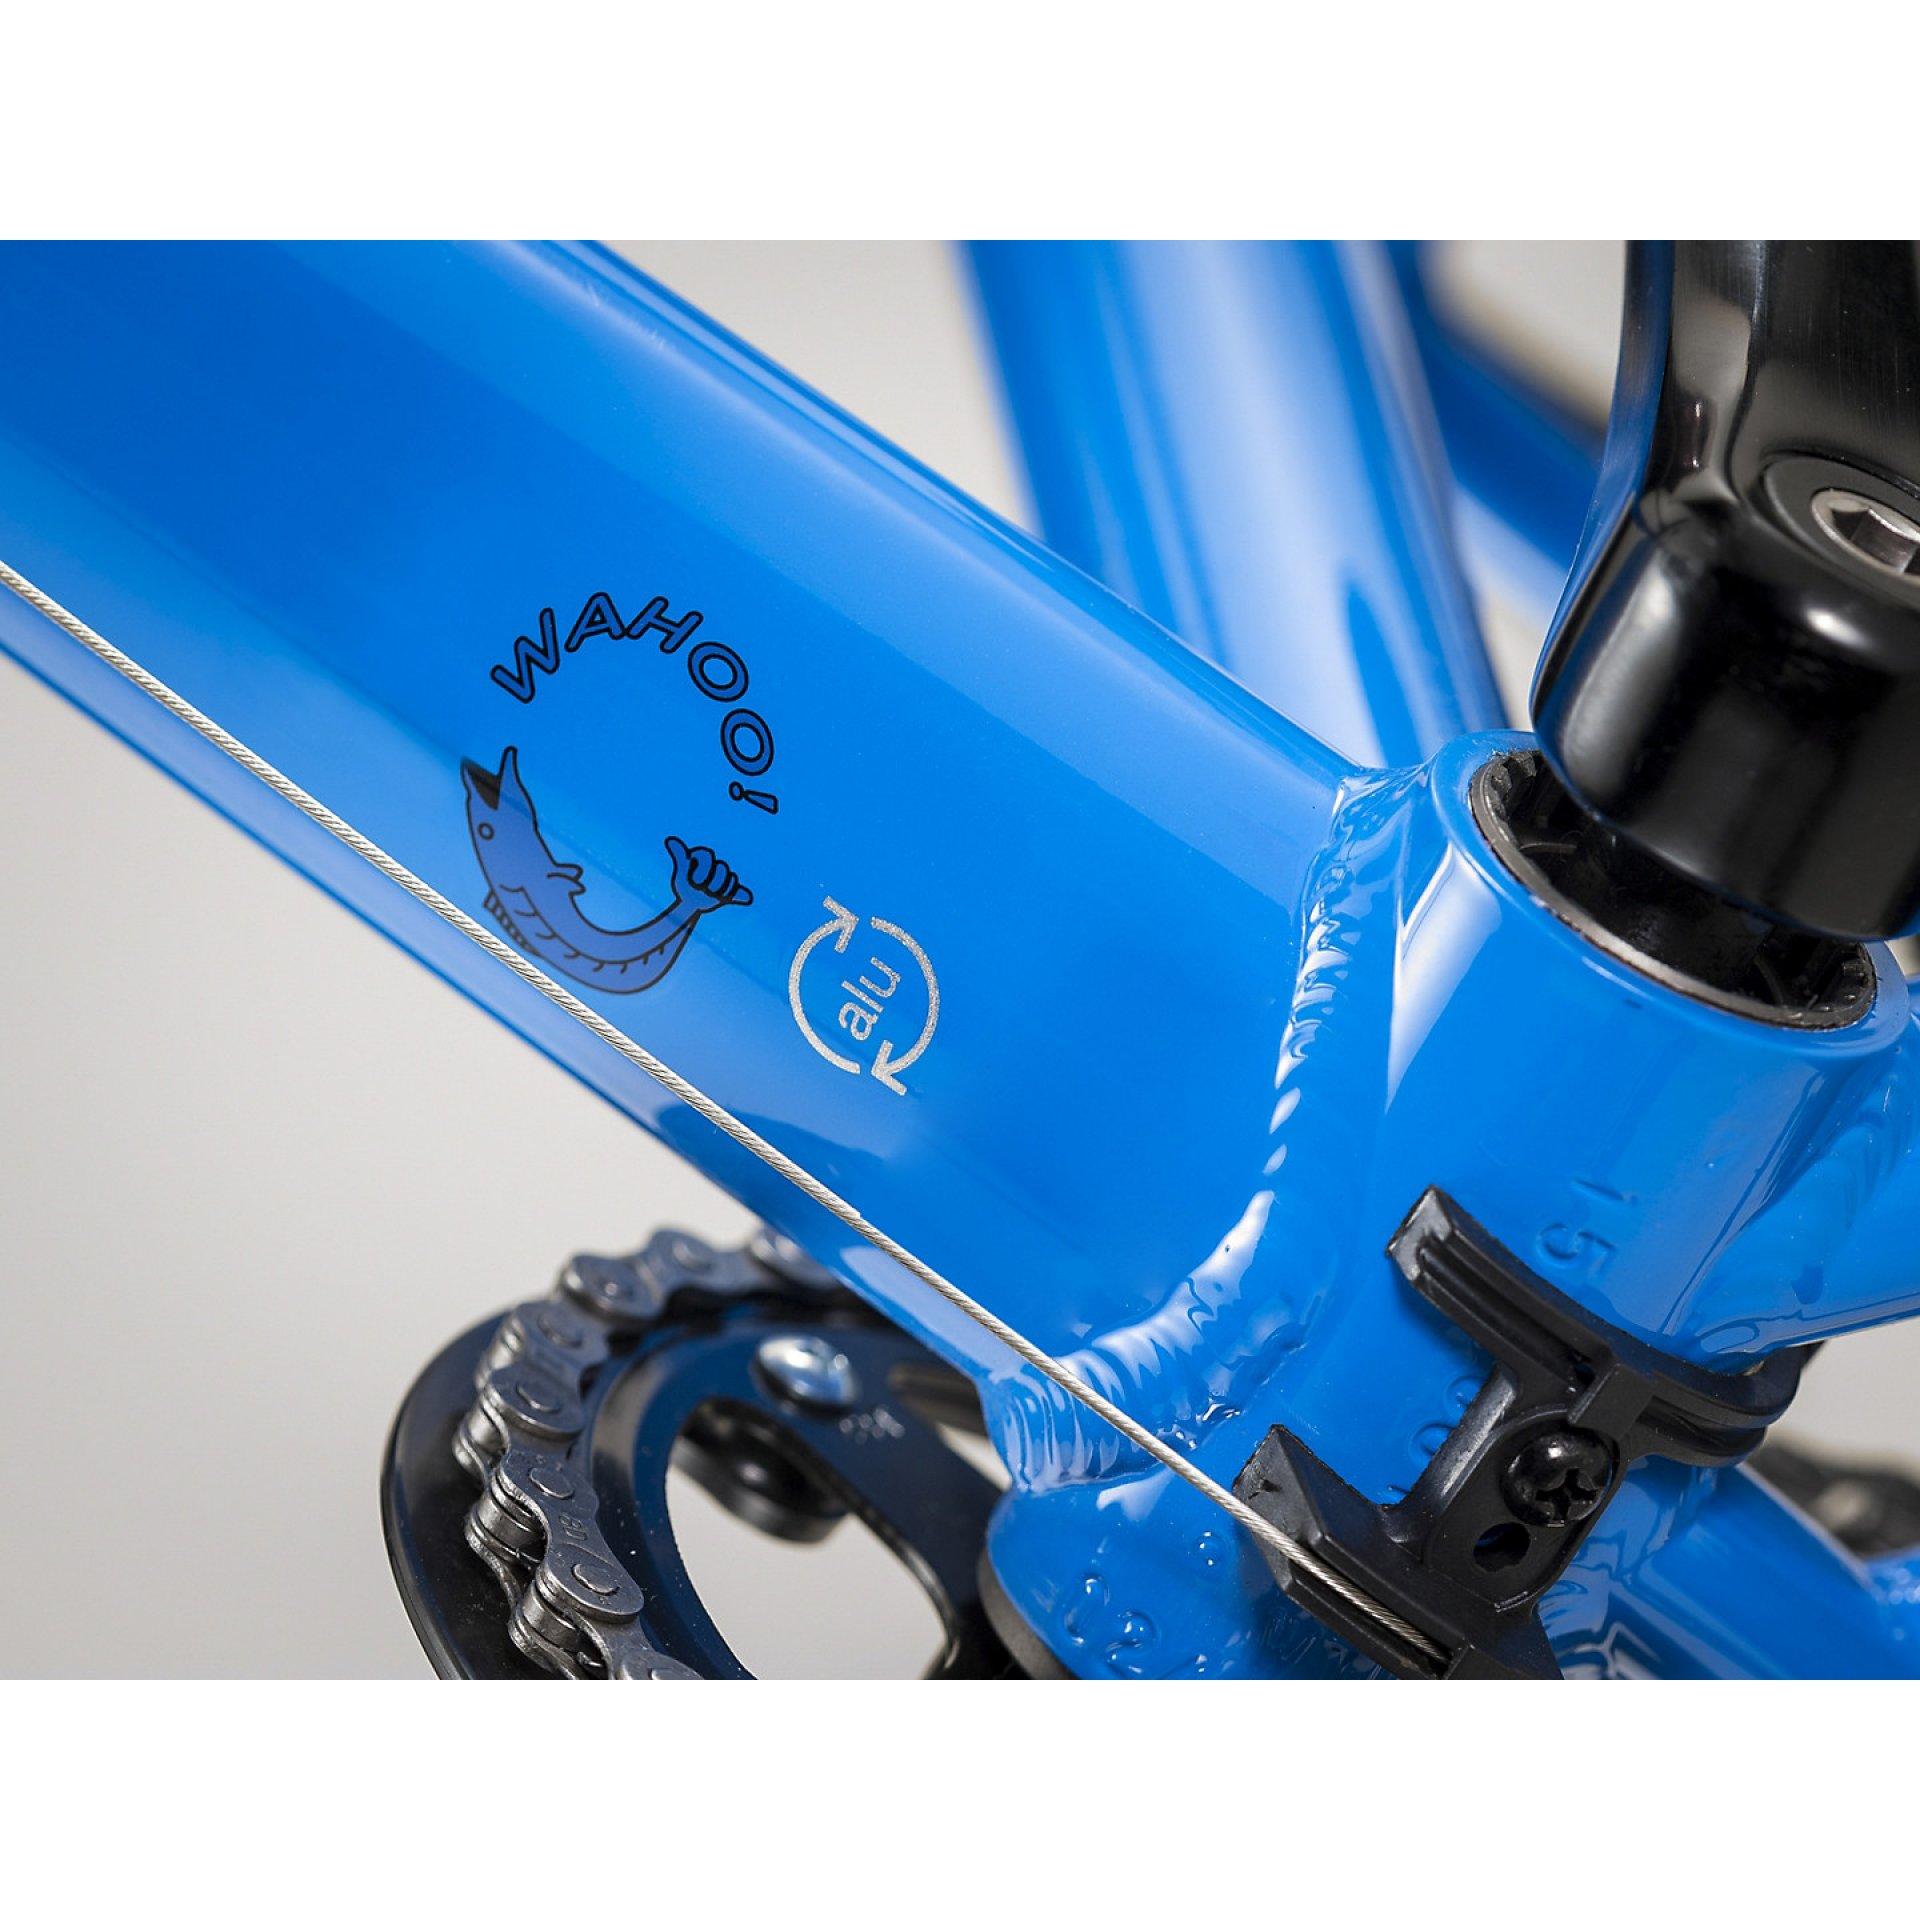 ROWER TREK WAHOO 26 WATERLOO BLUE QUICKSILVER 5